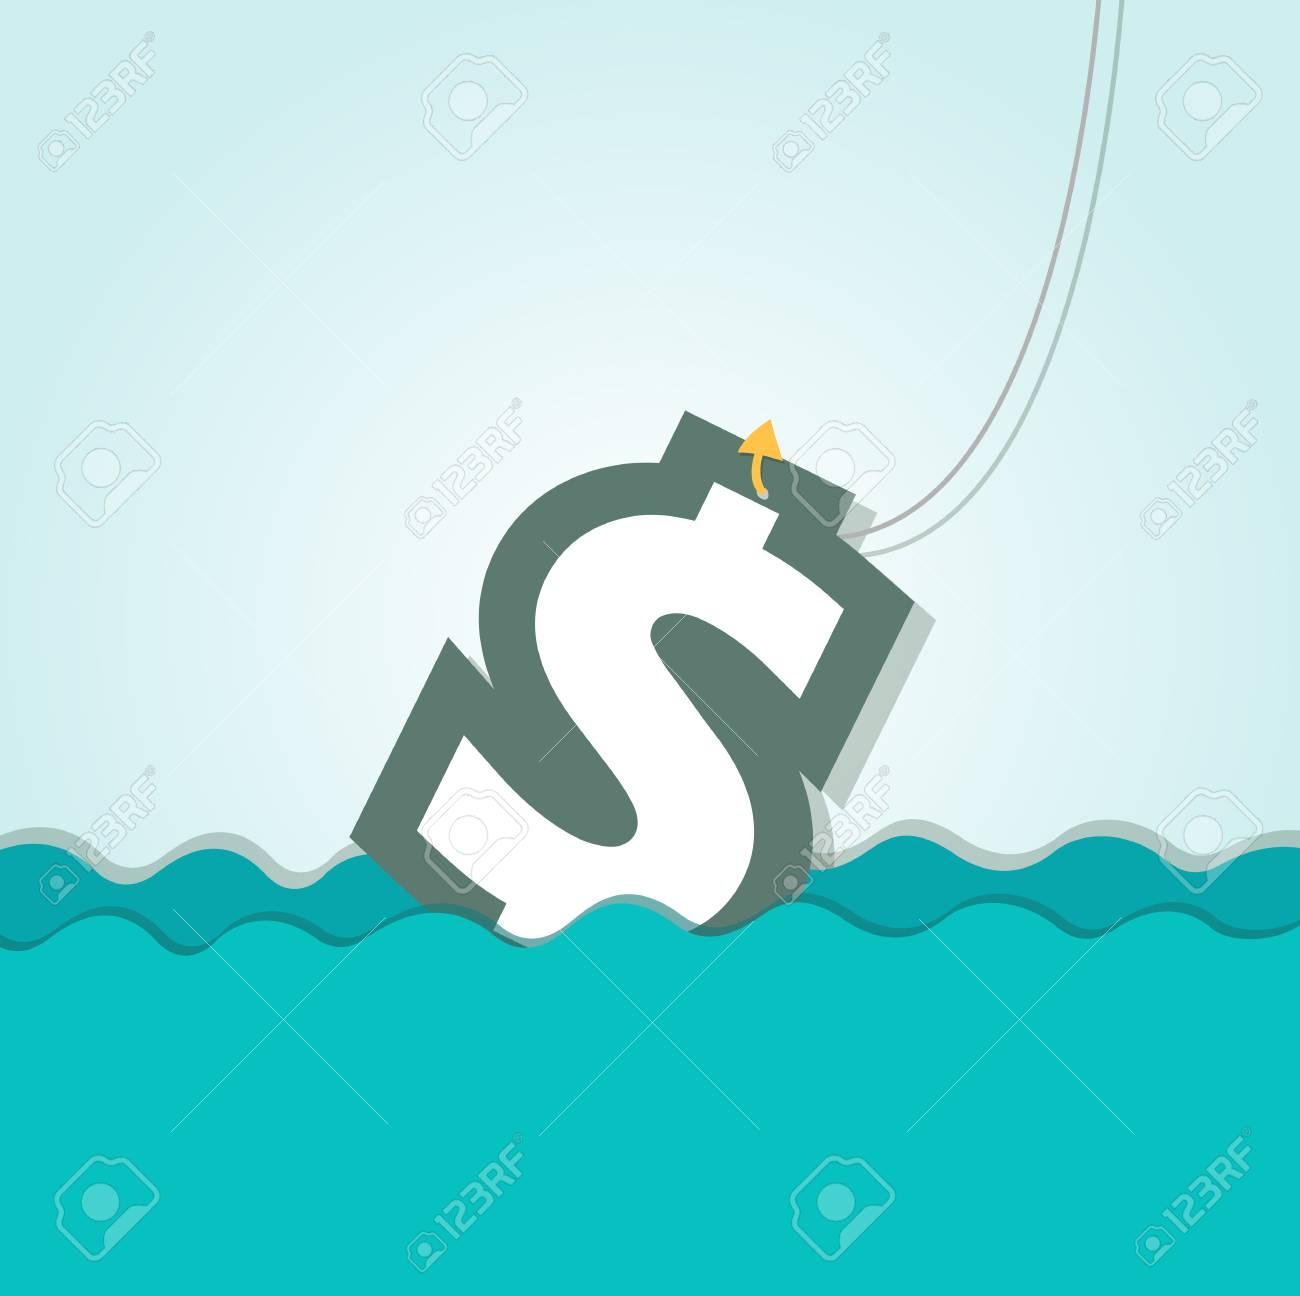 Money icon Stock Vector - 28128617